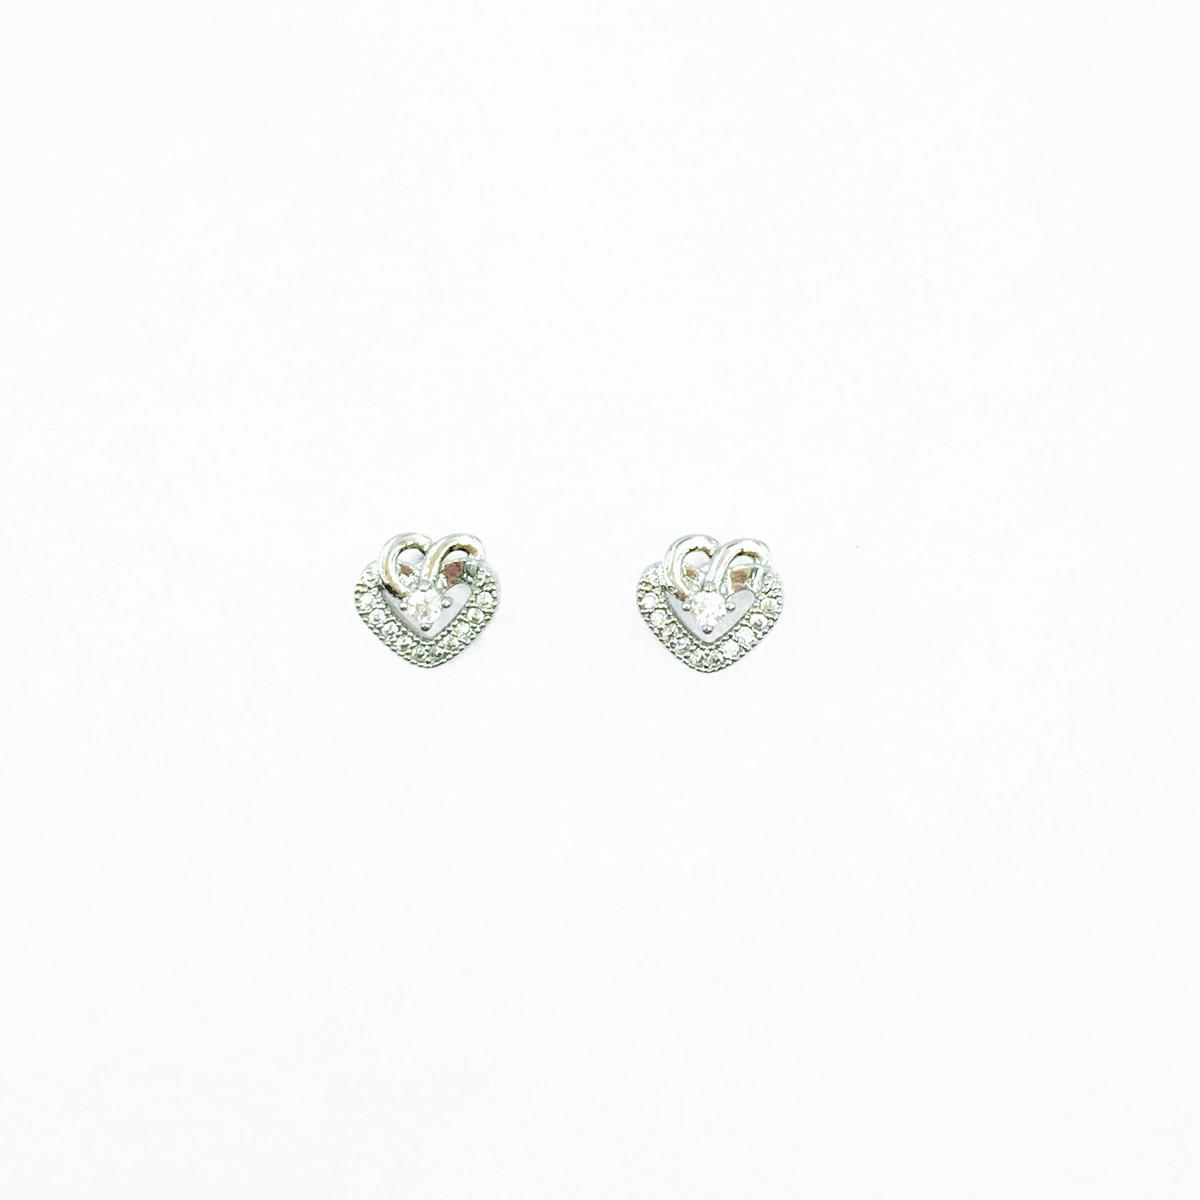 韓國 不鏽鋼 愛心 水鑽 簍空 可愛甜美款 後轉耳針式耳環